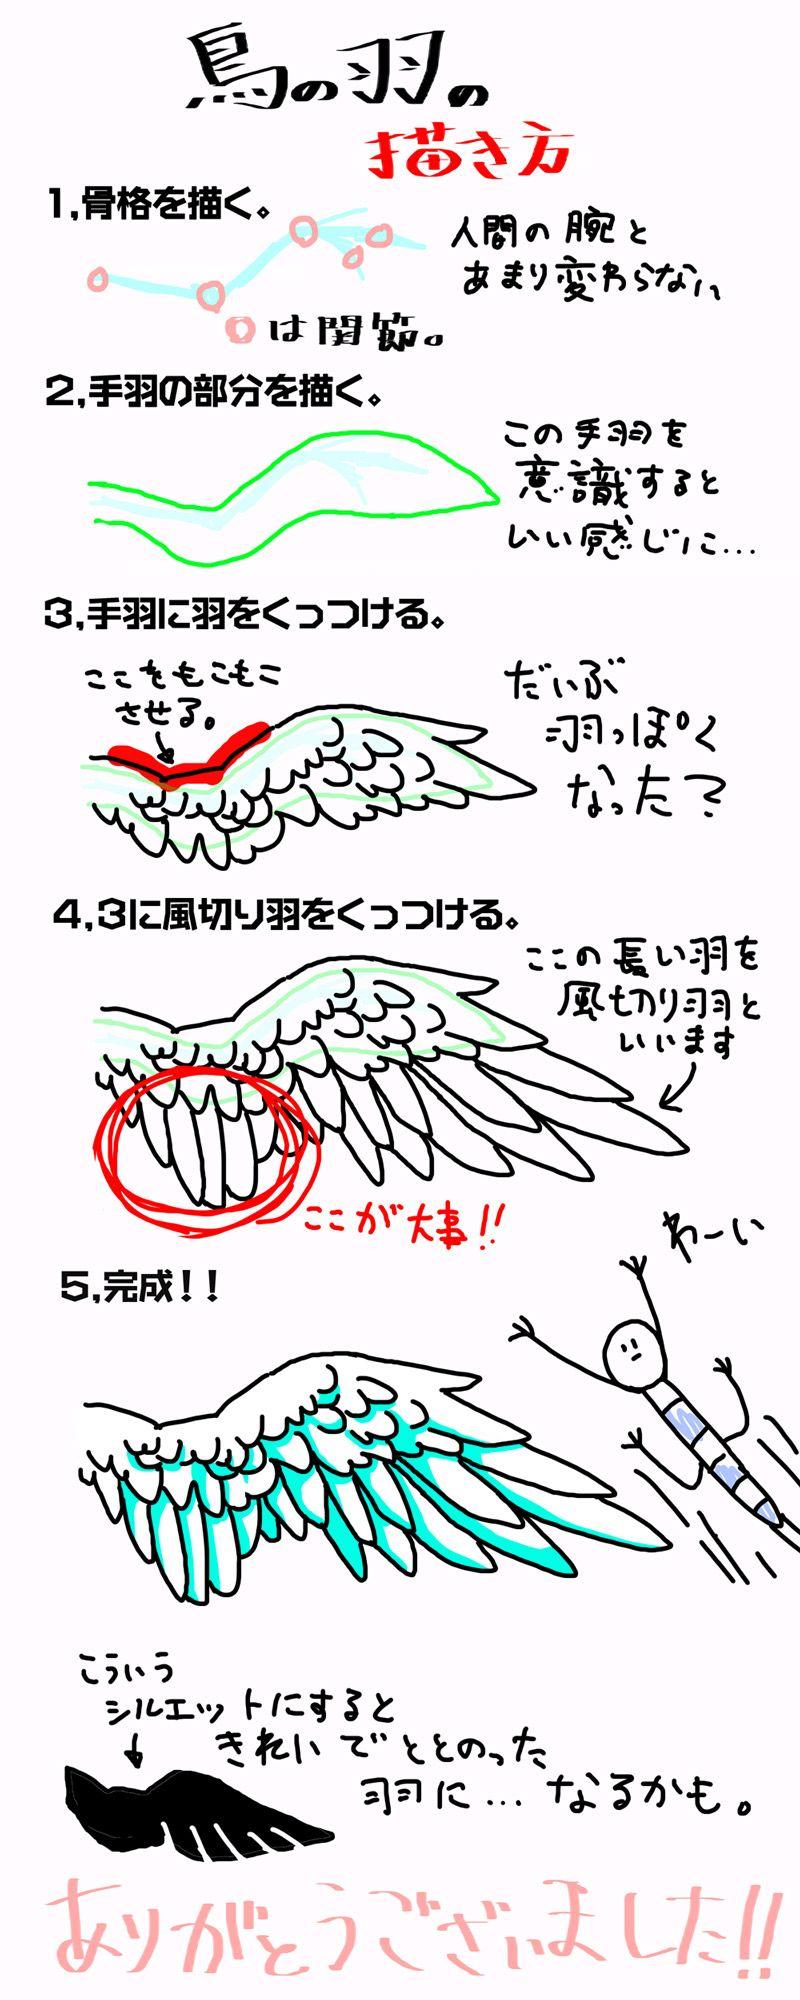 講座簡単鳥の羽の描き方 摩訶不思議日本 手绘2019 羽根